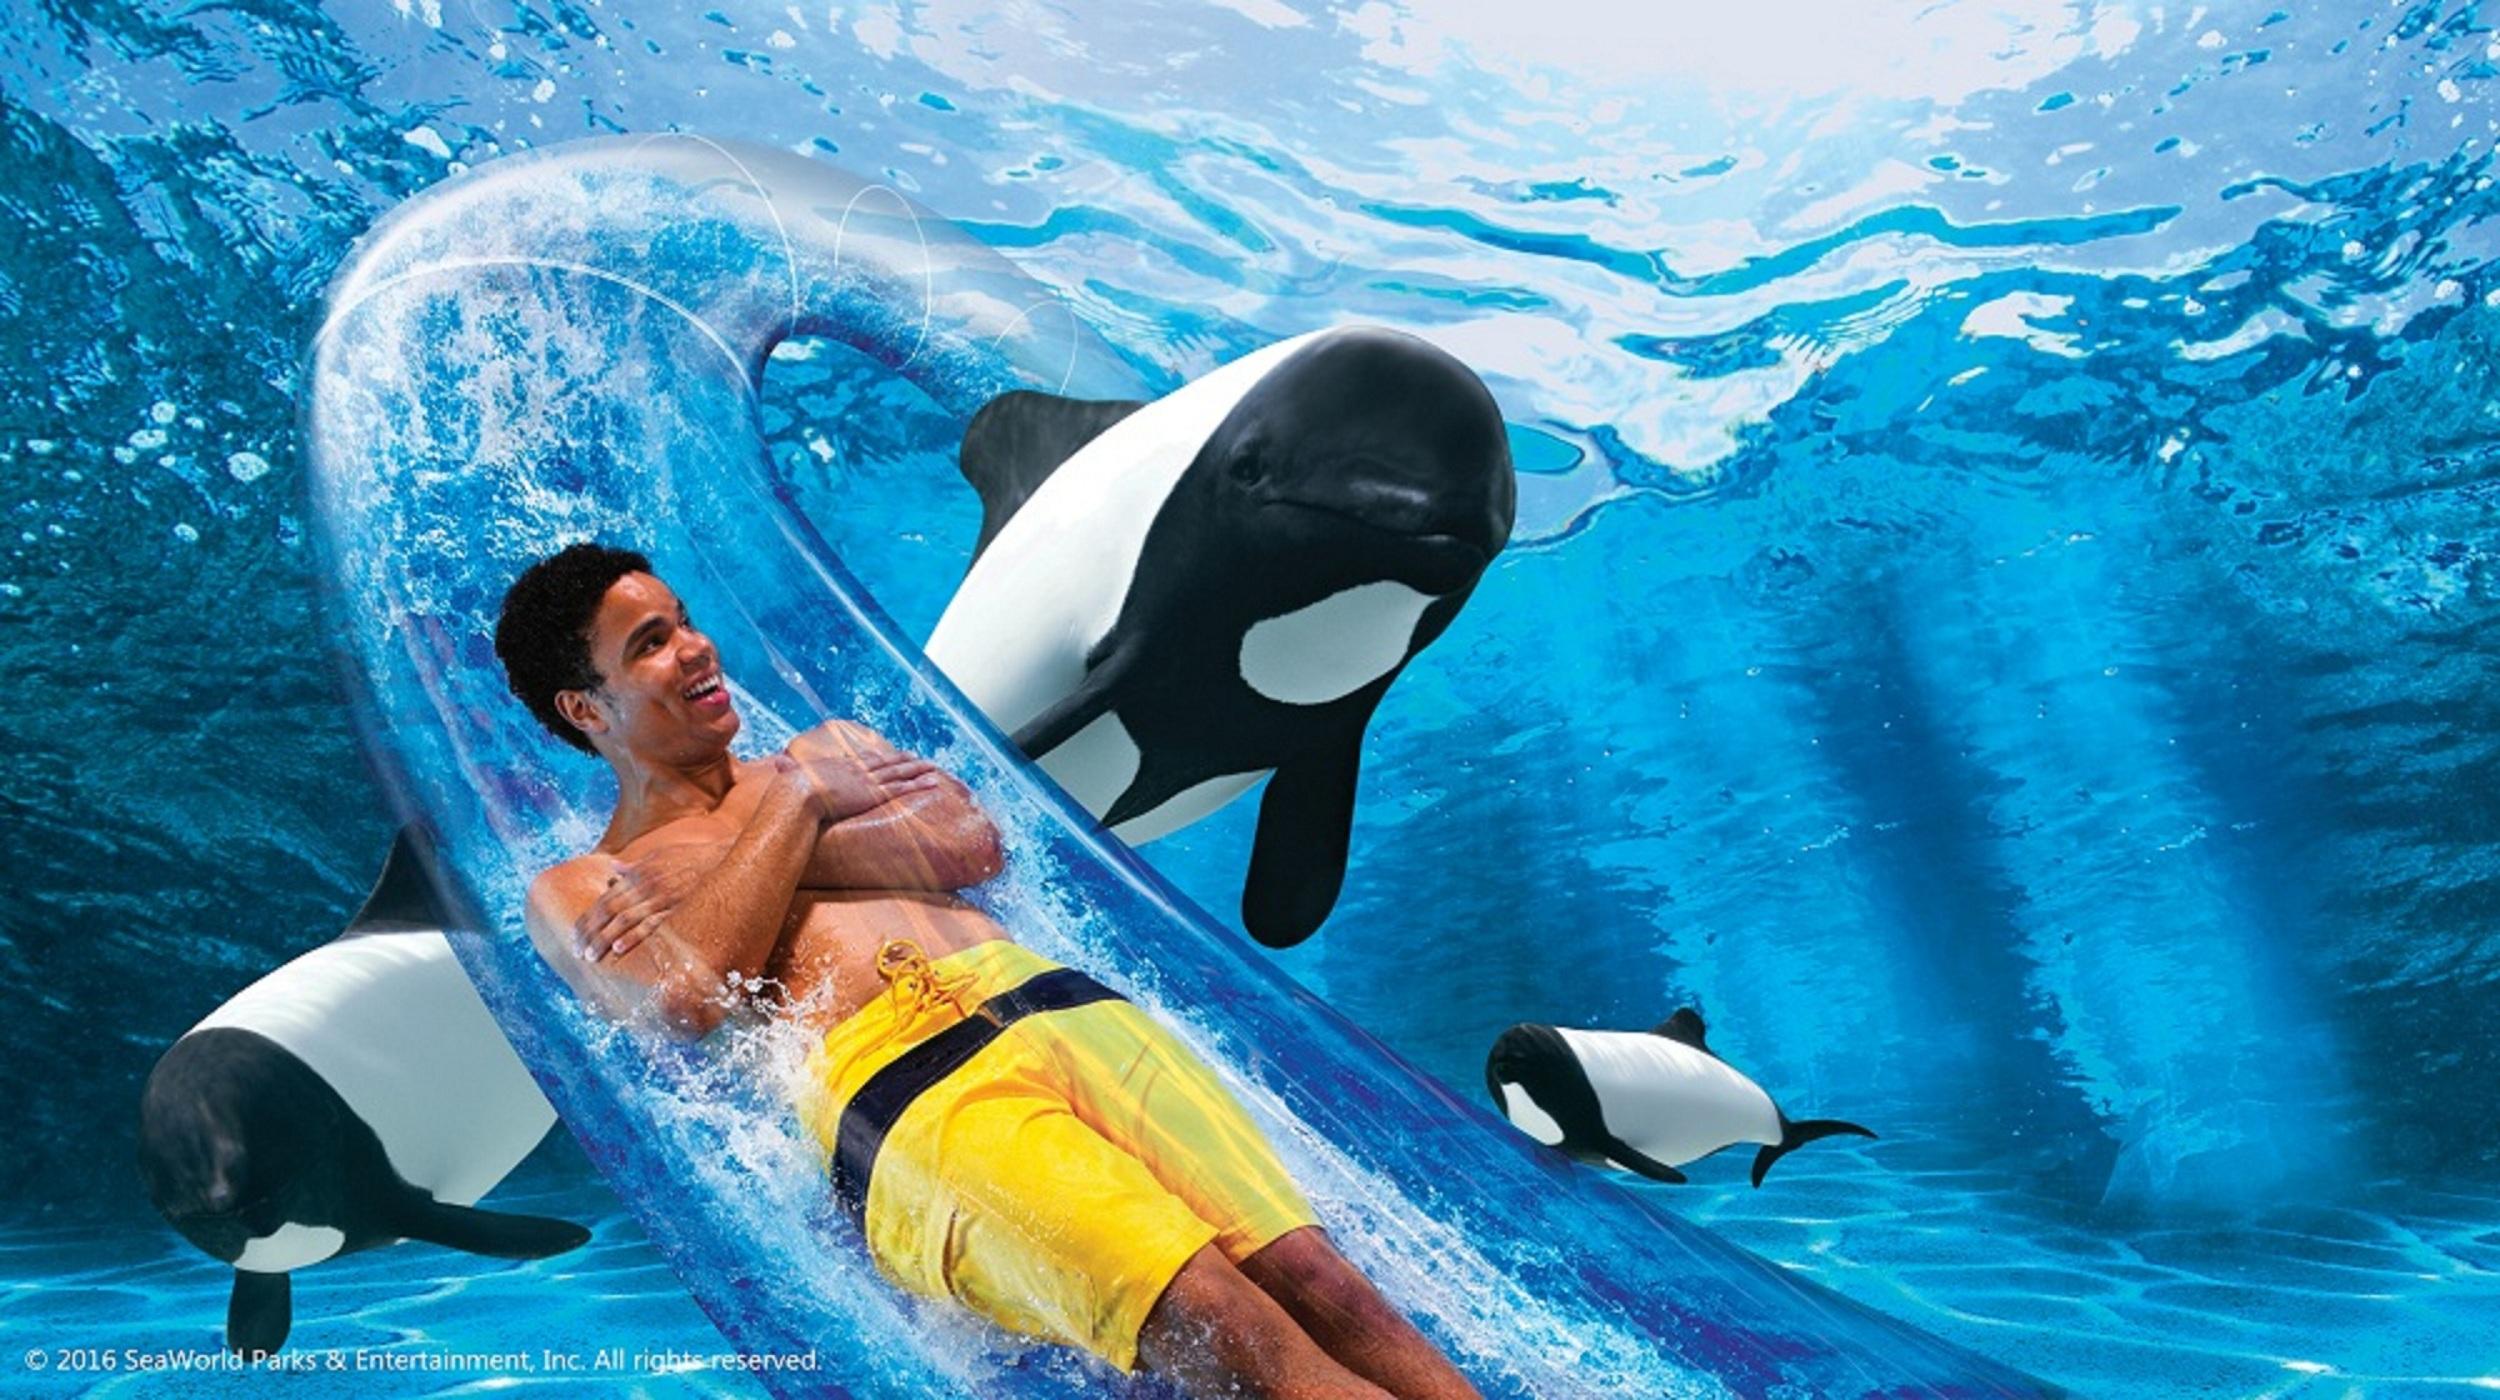 奧蘭多海洋世界/布希公園/Aquatica 海洋世界水上樂園/坦帕冒險島 多景點聯票